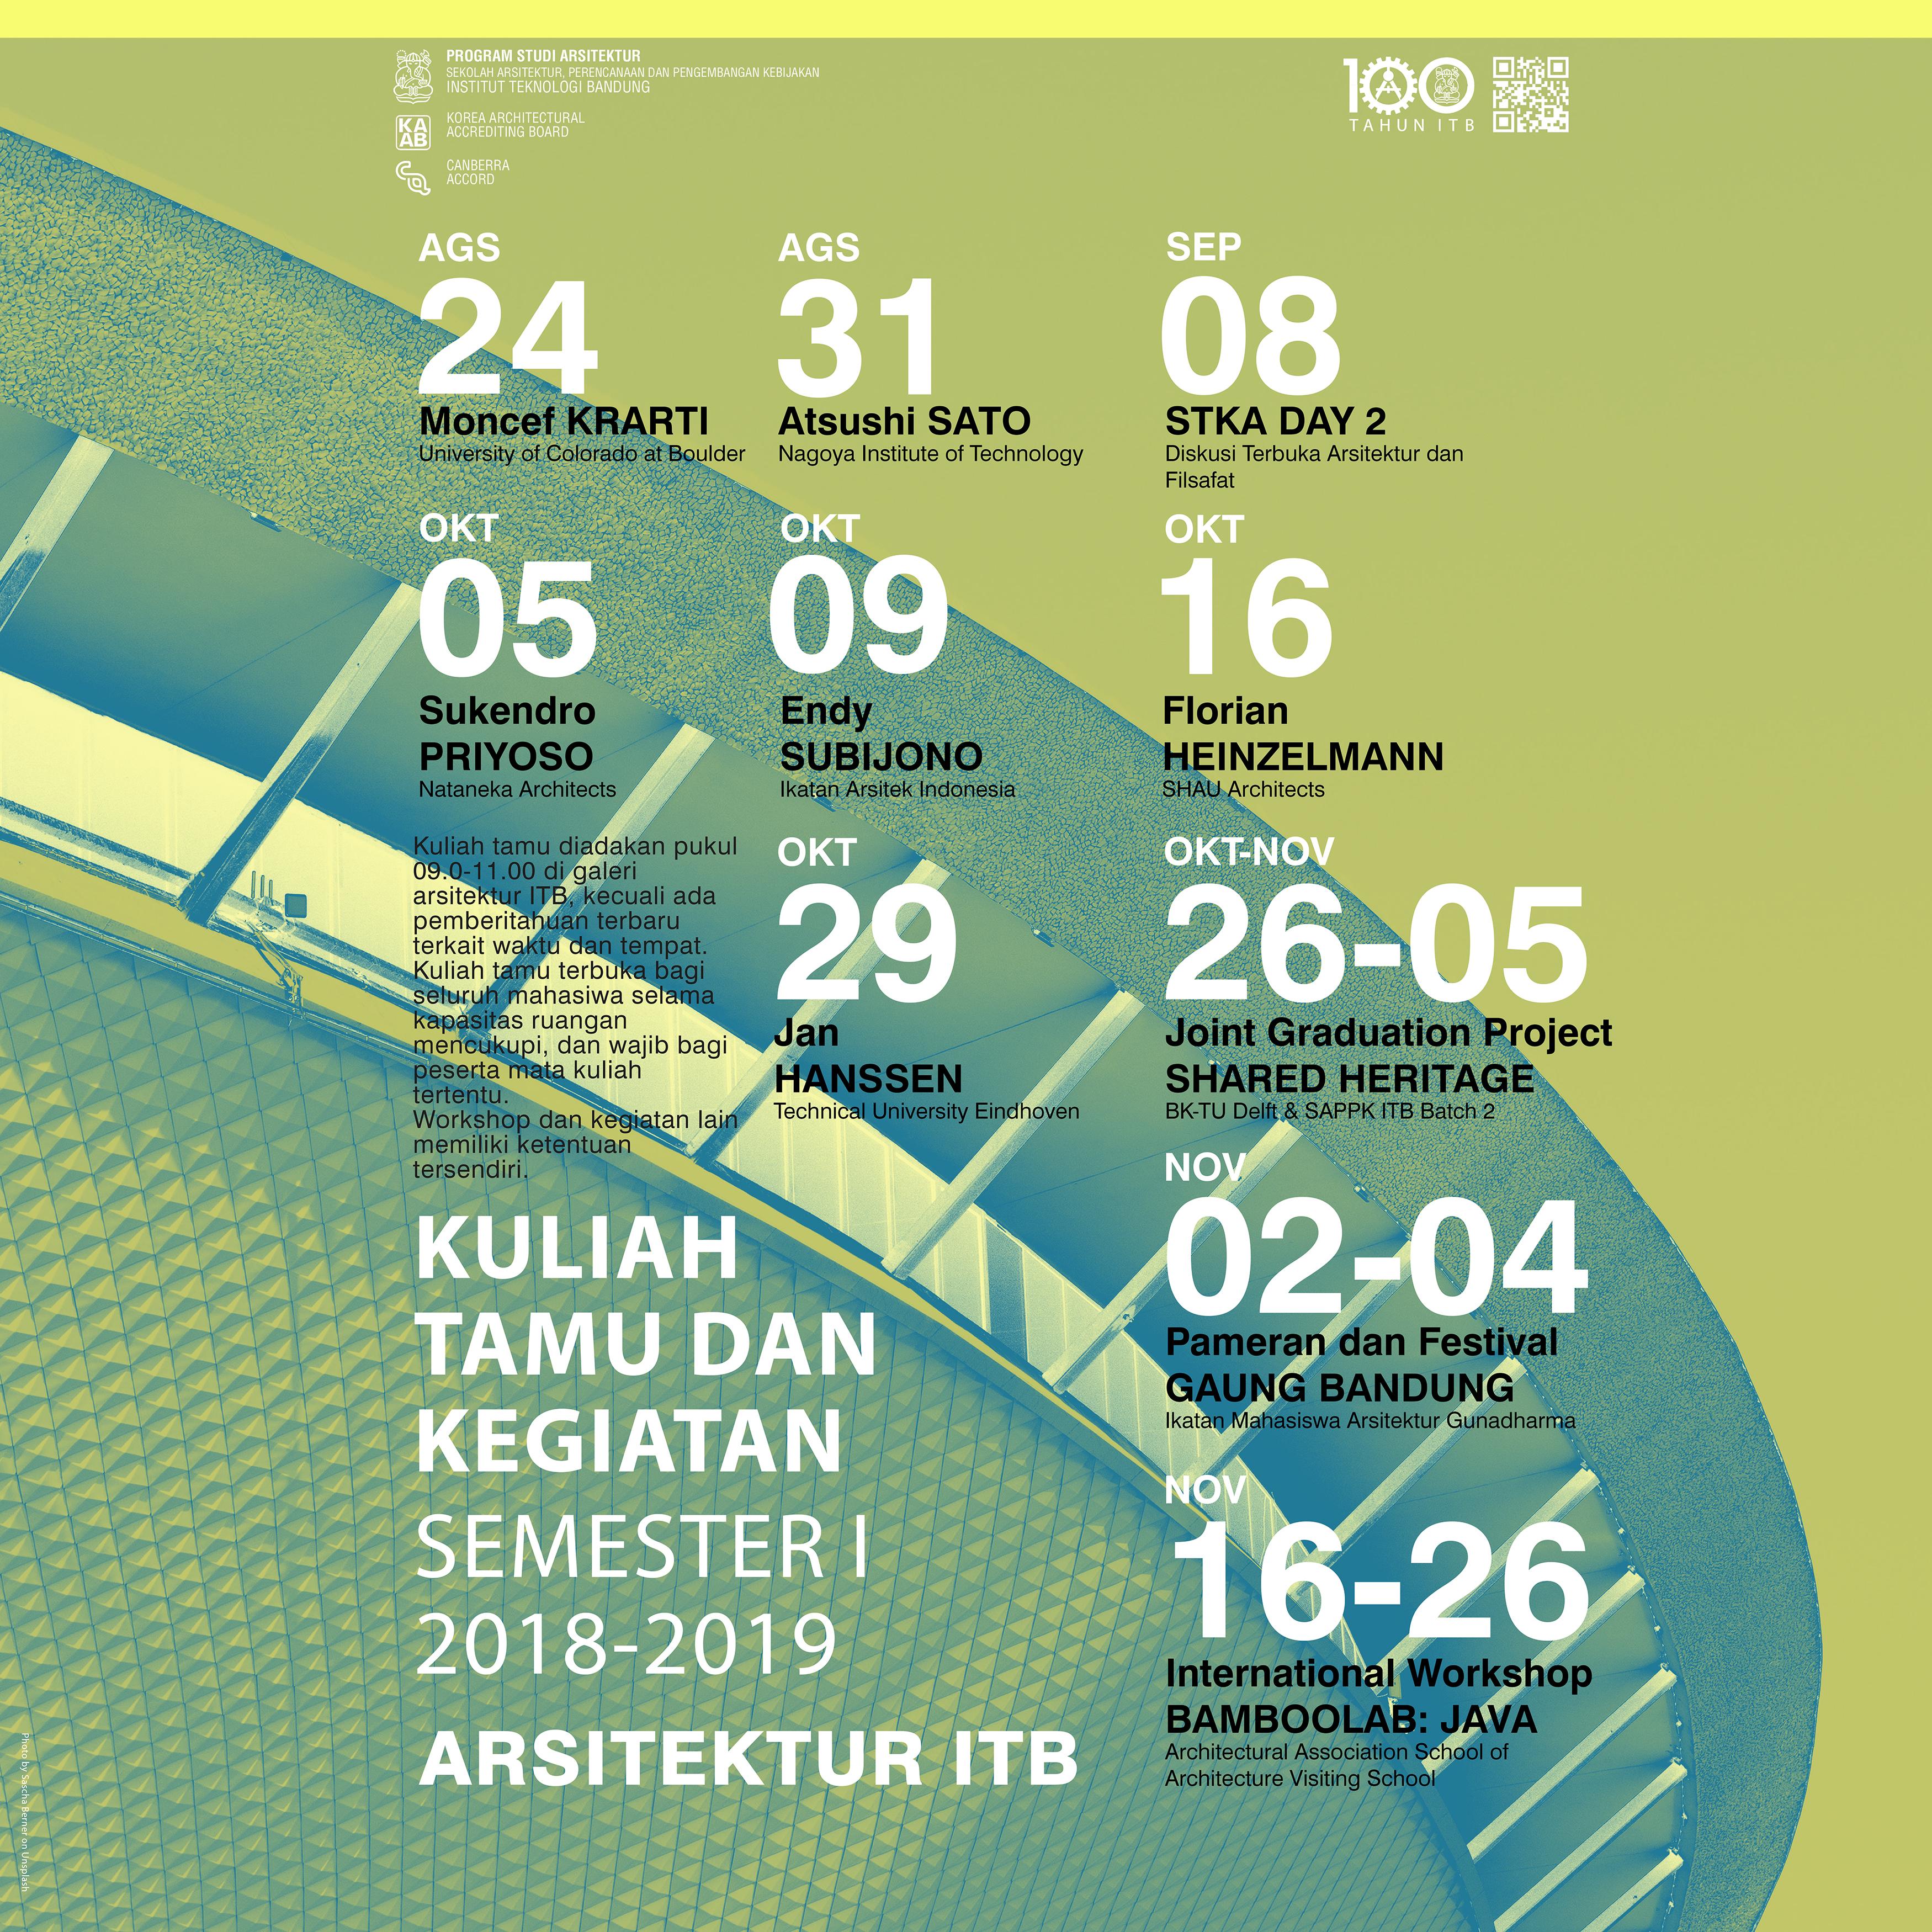 Kalender Kuliah Tamu dan Kegiatan Semester I 2018-2019